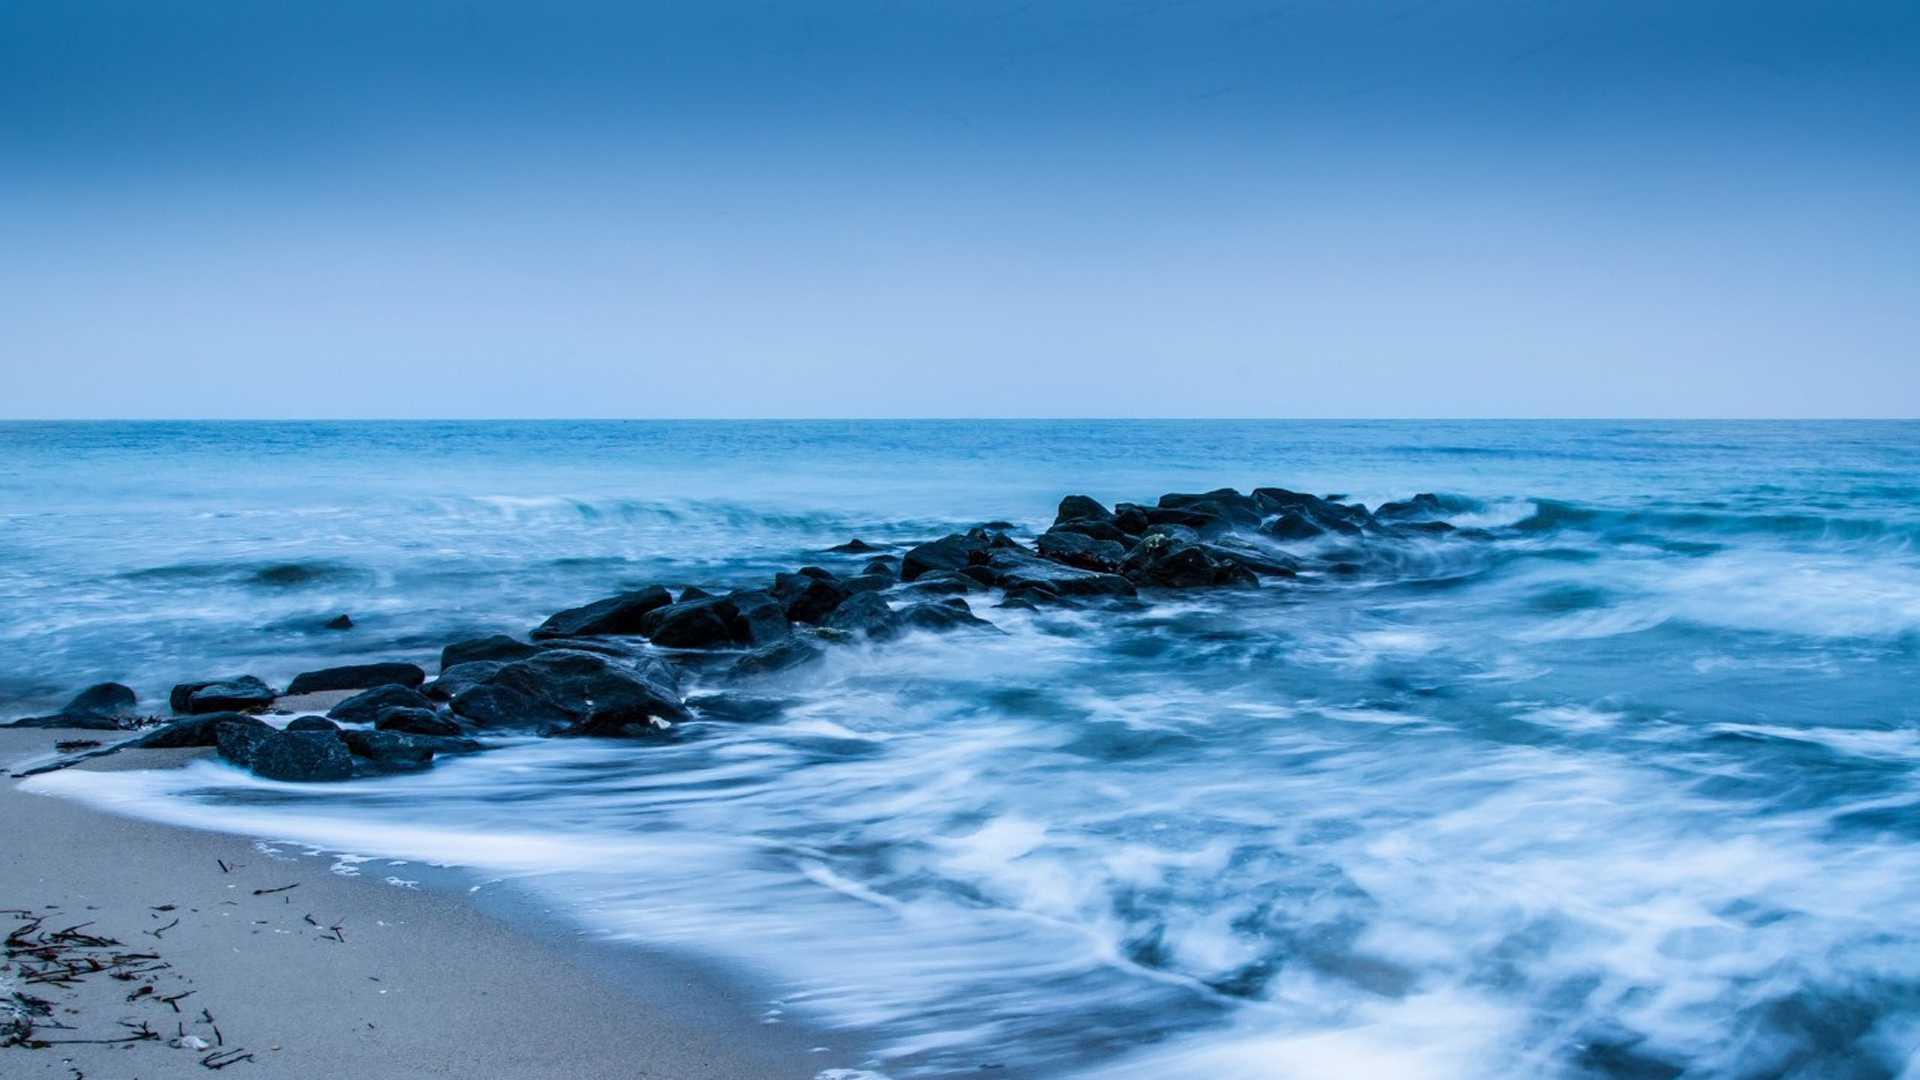 Hd Deniz Resimleri Masaüstü Duvar Kağıtları 2 Apk Oyun Ve